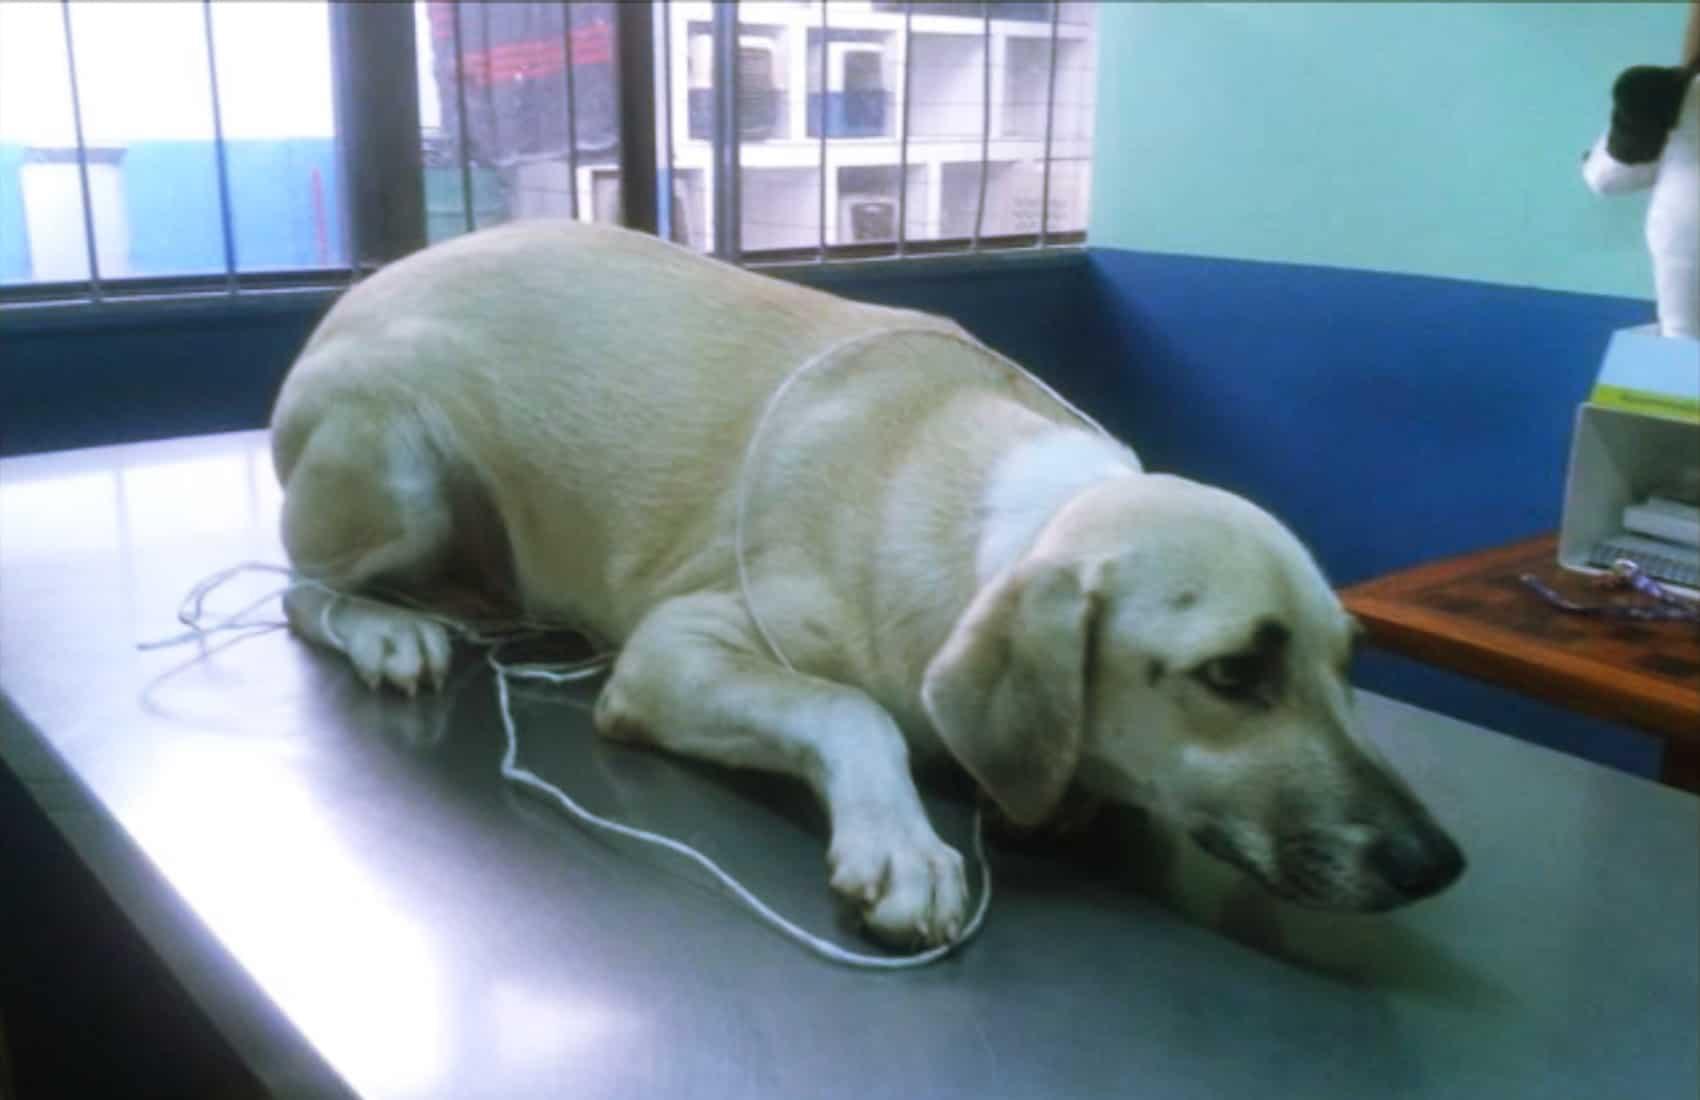 Ruta 27 adopted dog